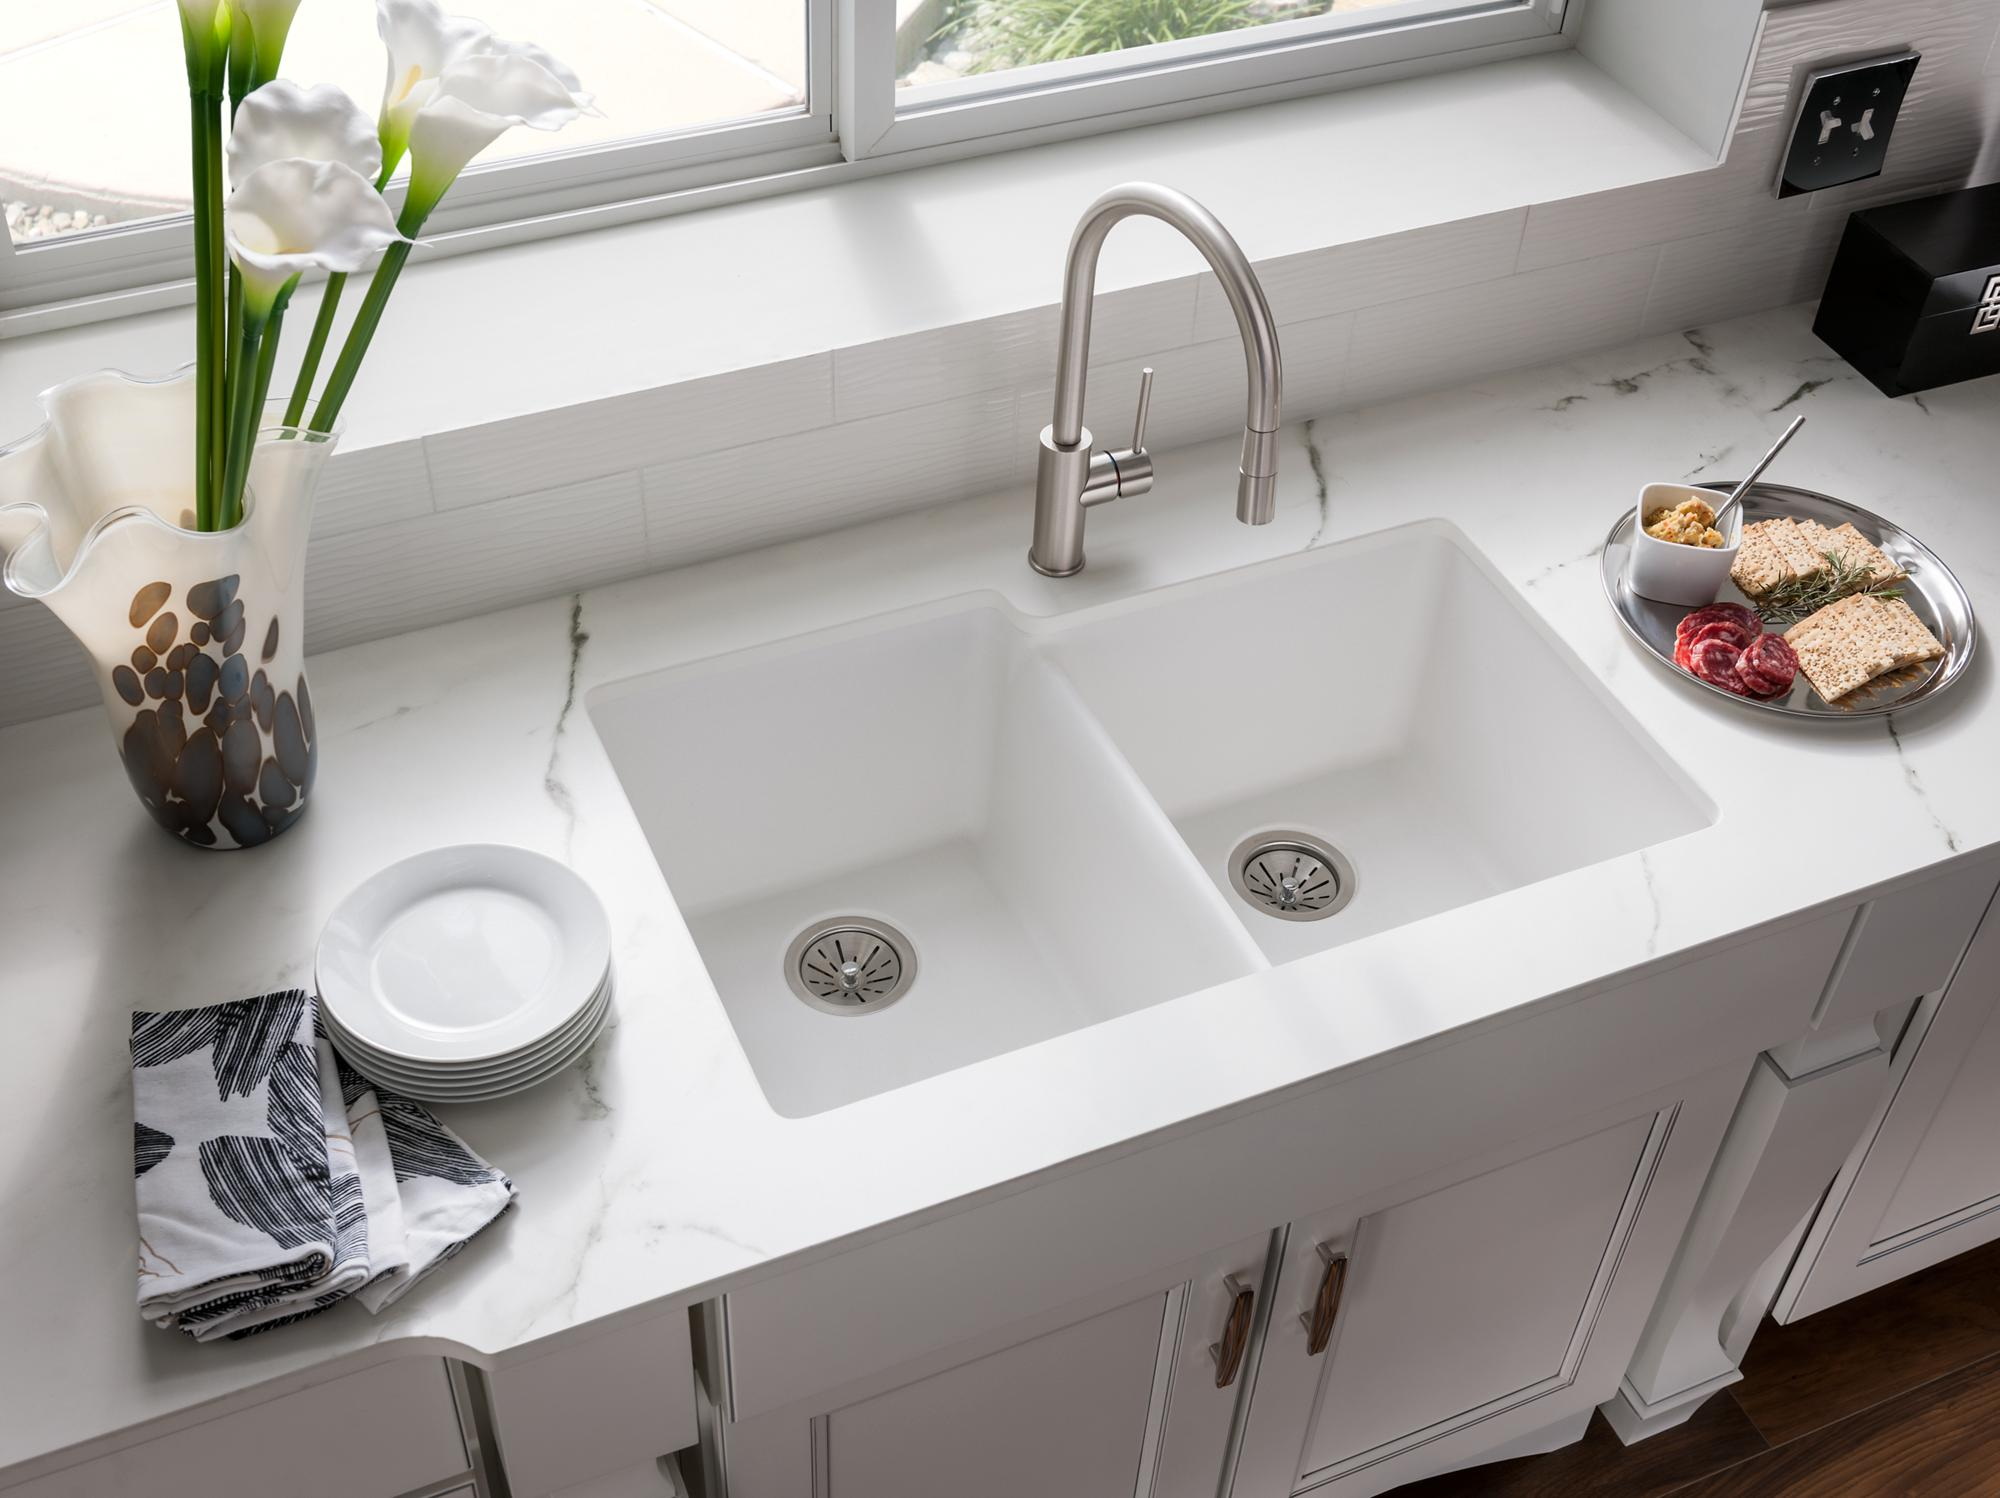 quartz classic kitchen sinks | elkay